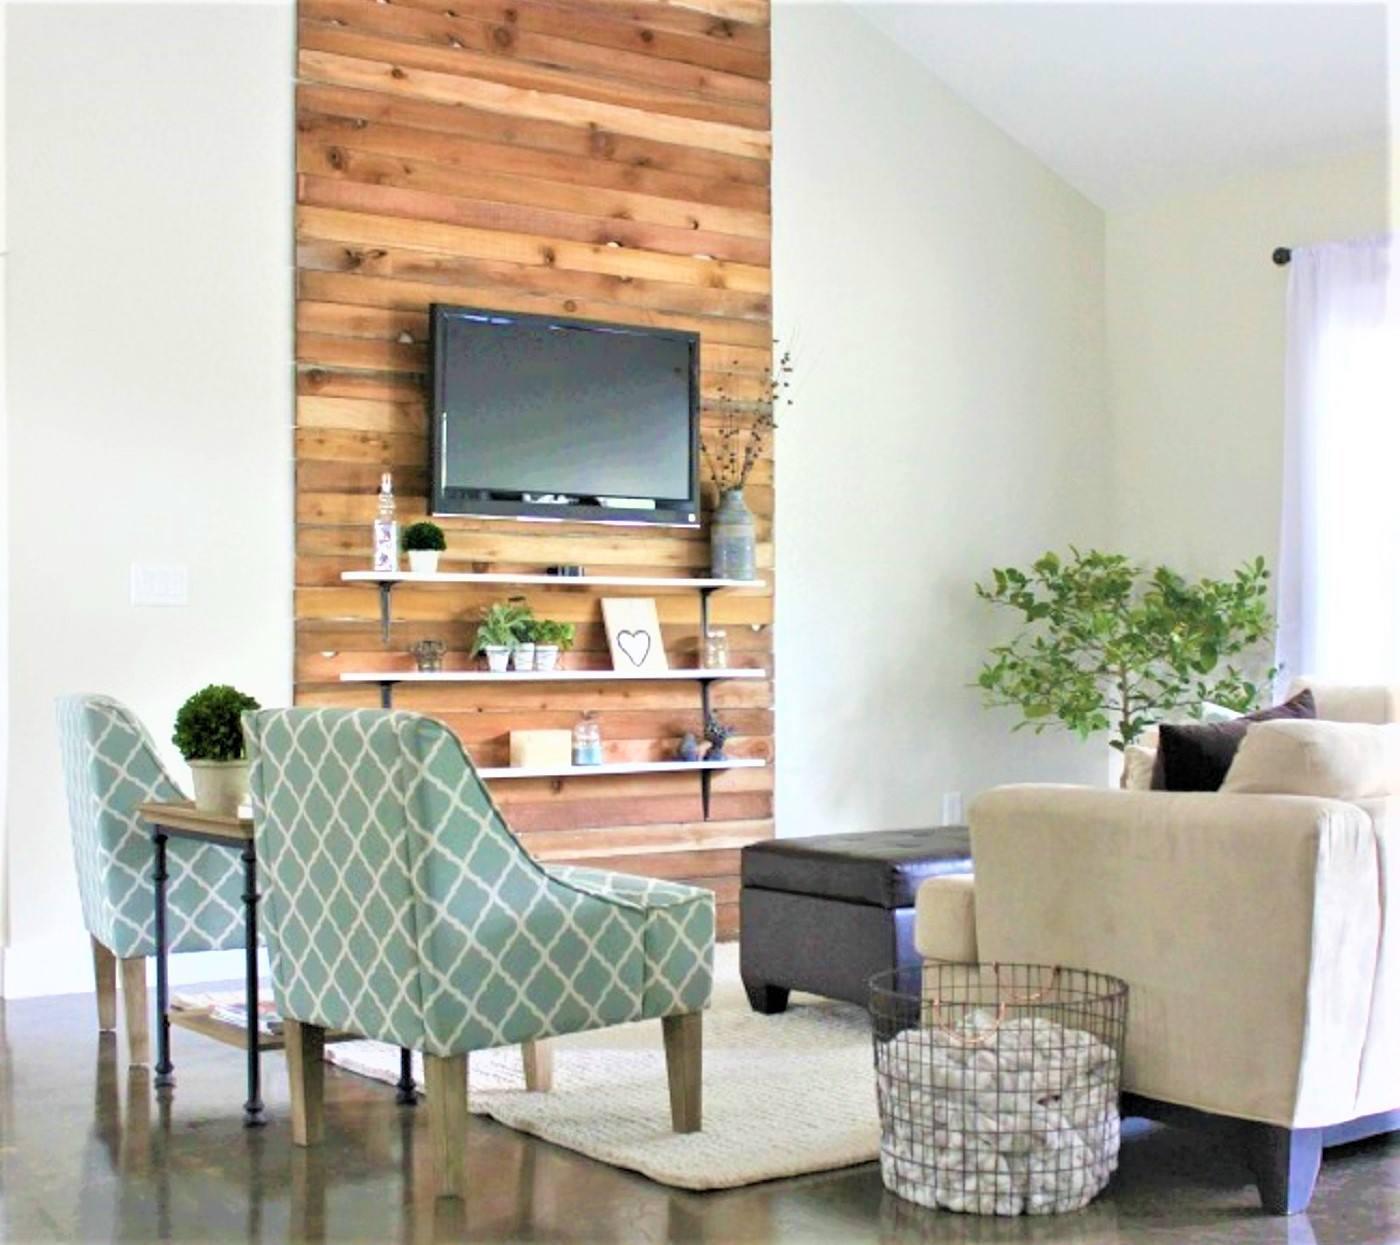 Chimenea de leña sintética con televisor montado, alfombra de área , y asientos coloridos en el cambio de imagen de la sala de estar